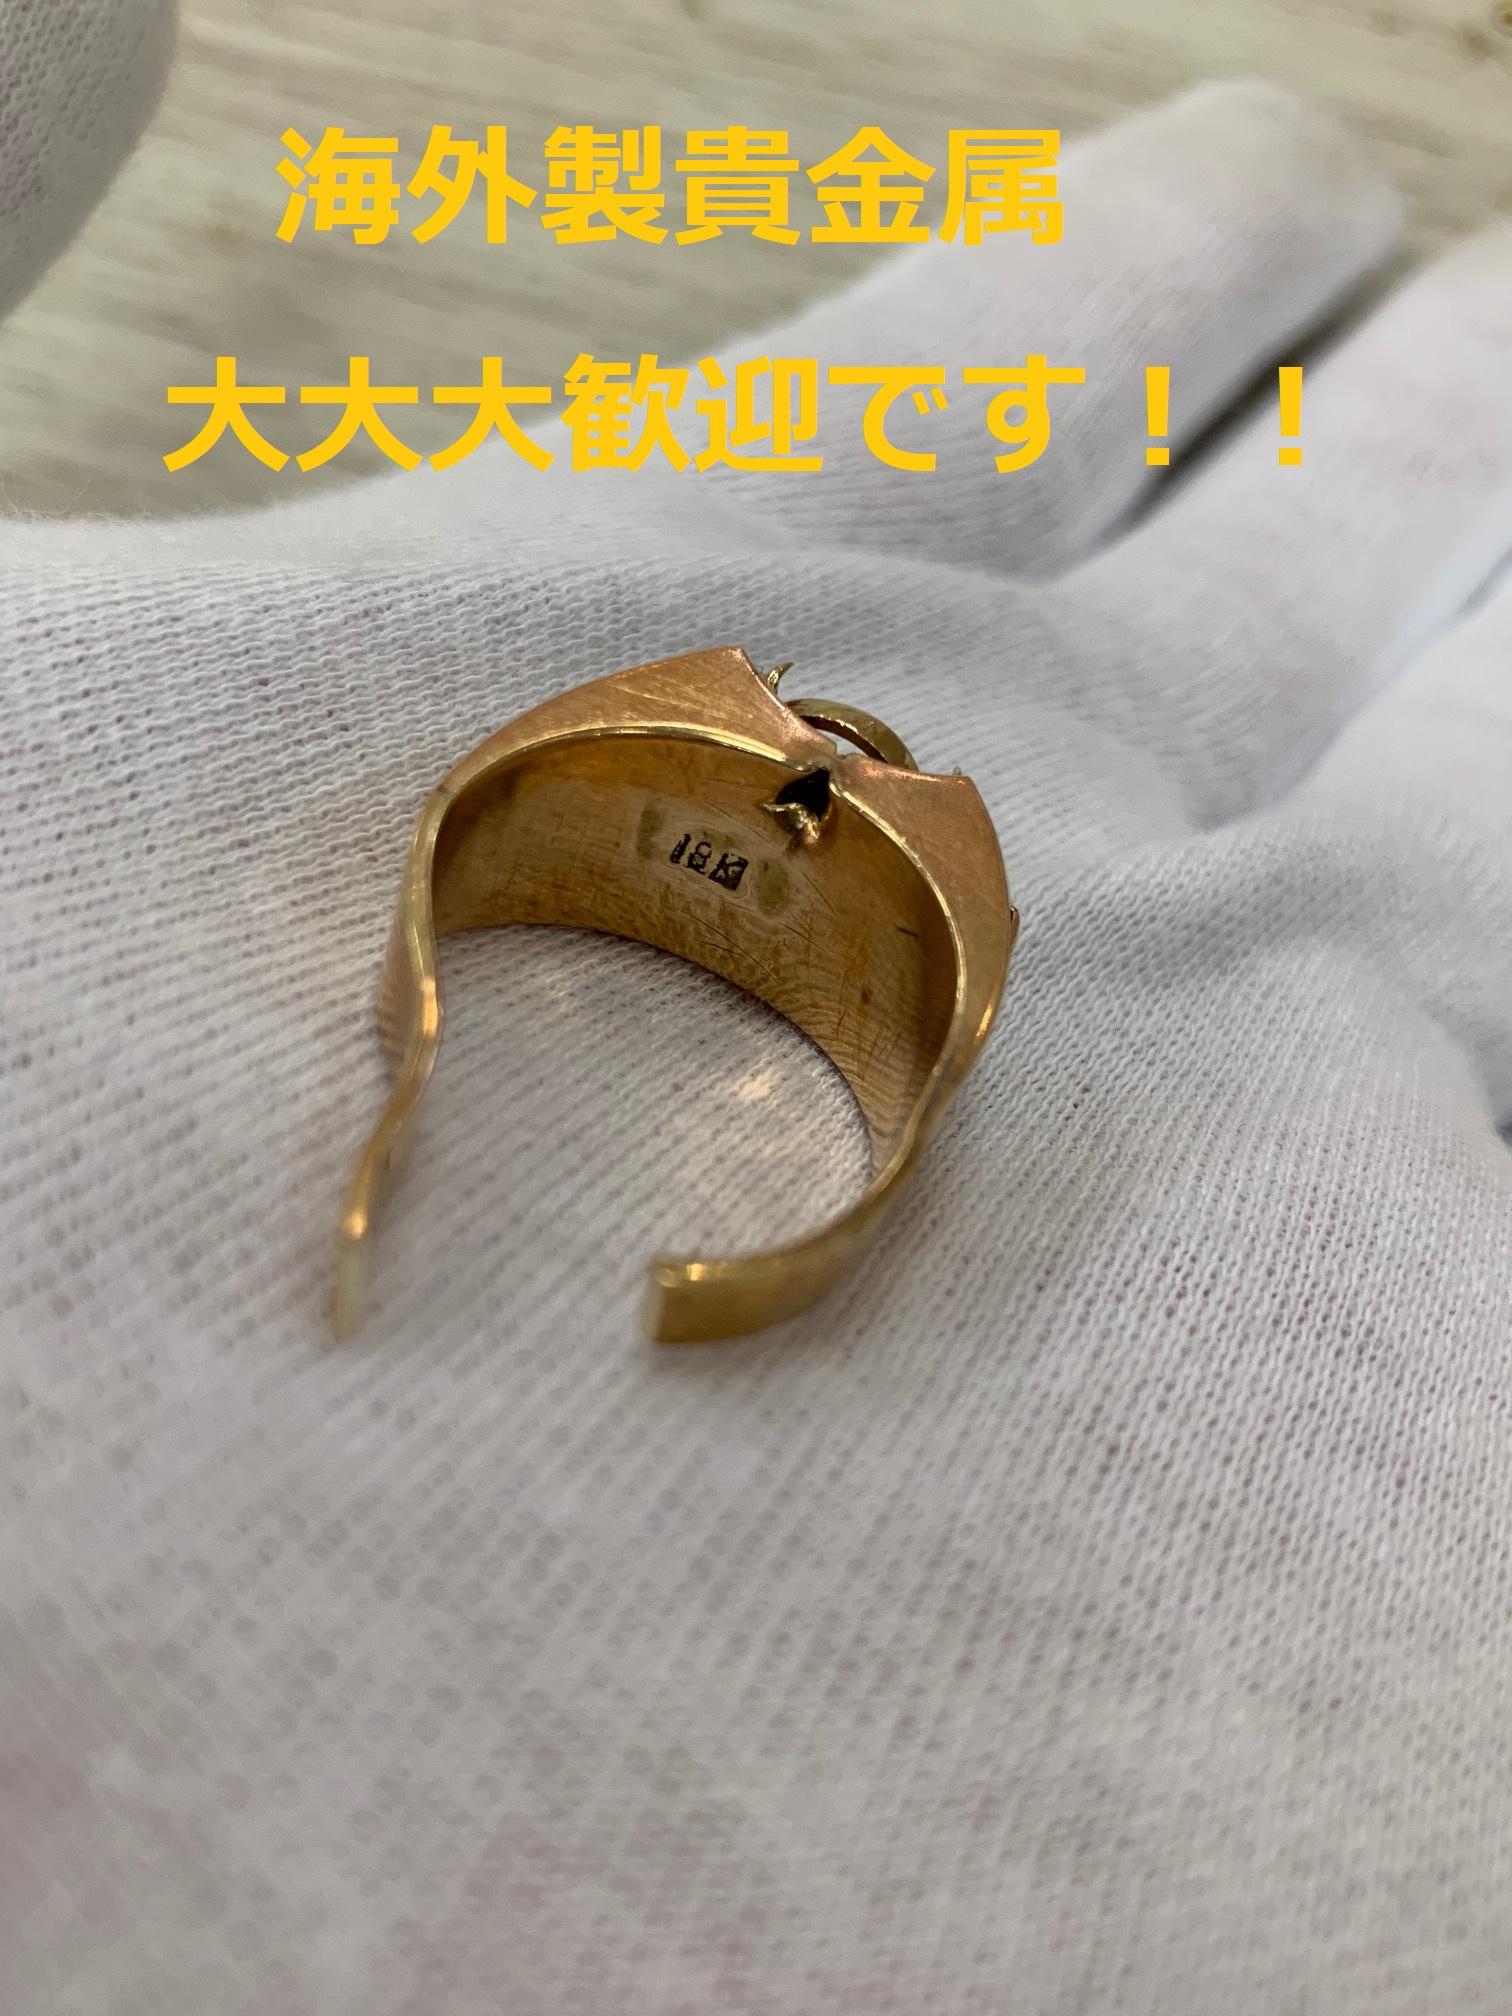 買取わかばイオン藤沢湘南ライフタウン店海外製貴金属高価買取させて頂きました!金歯・銀歯も大大大歓迎です!!